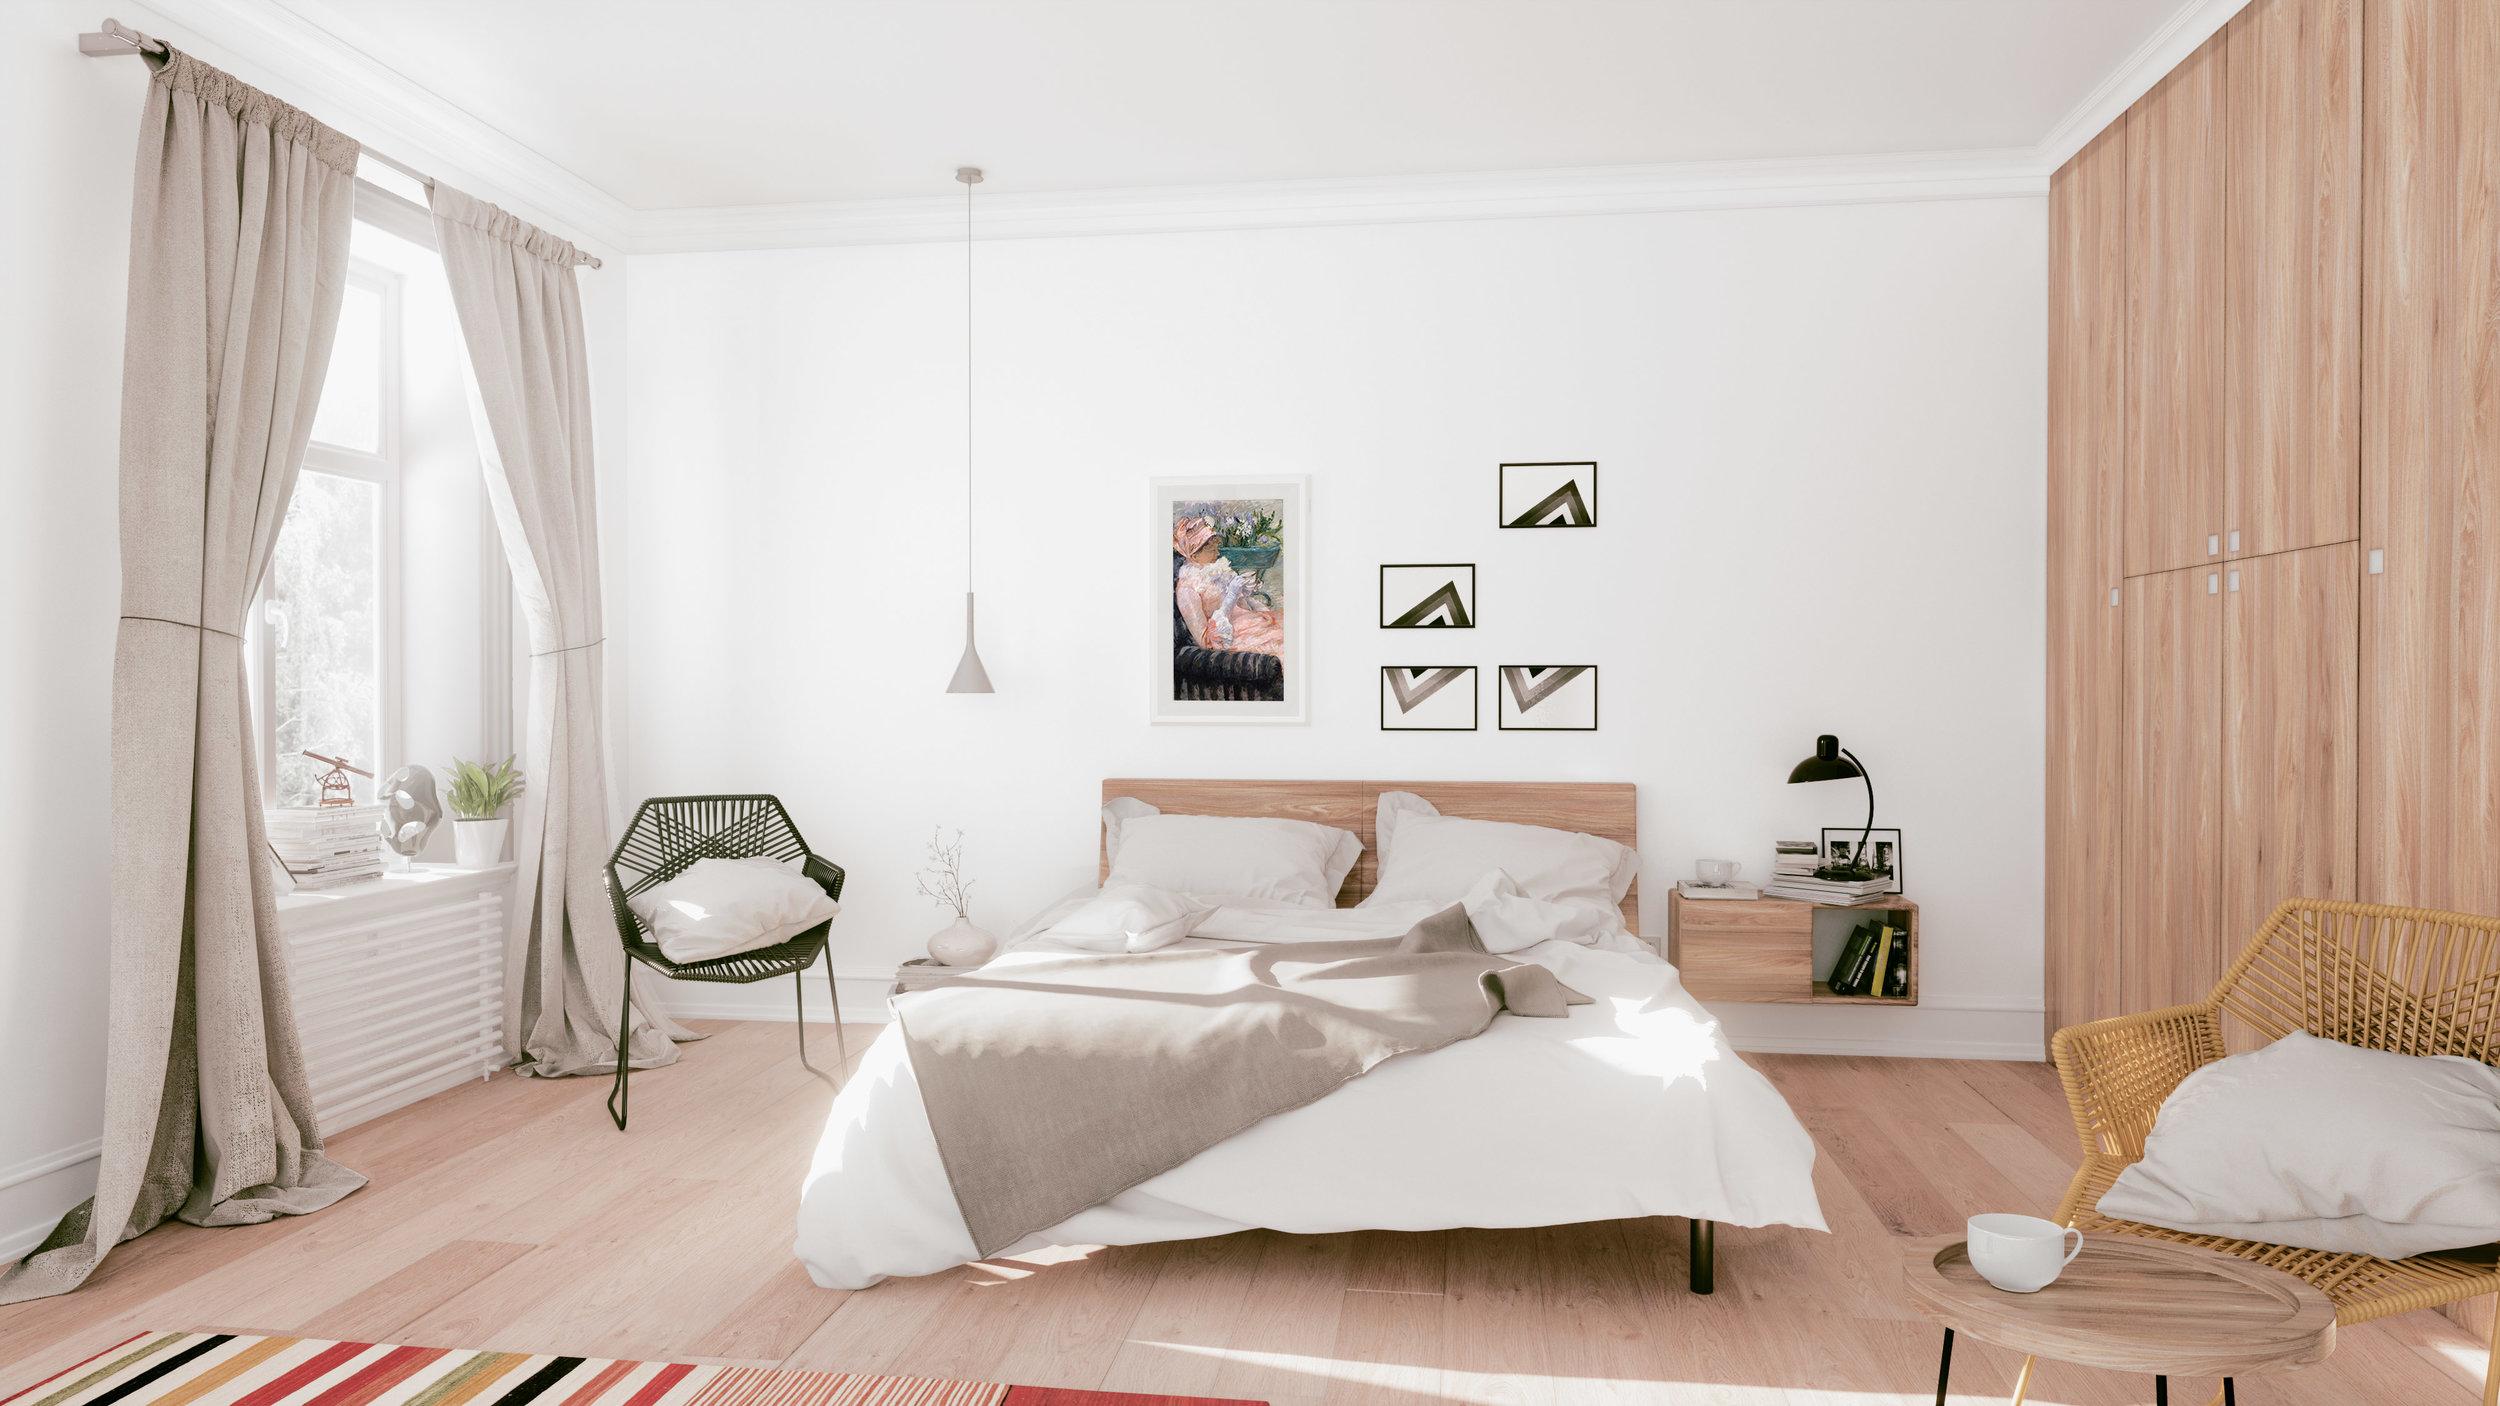 Bedroom_Full Scene_White.jpg